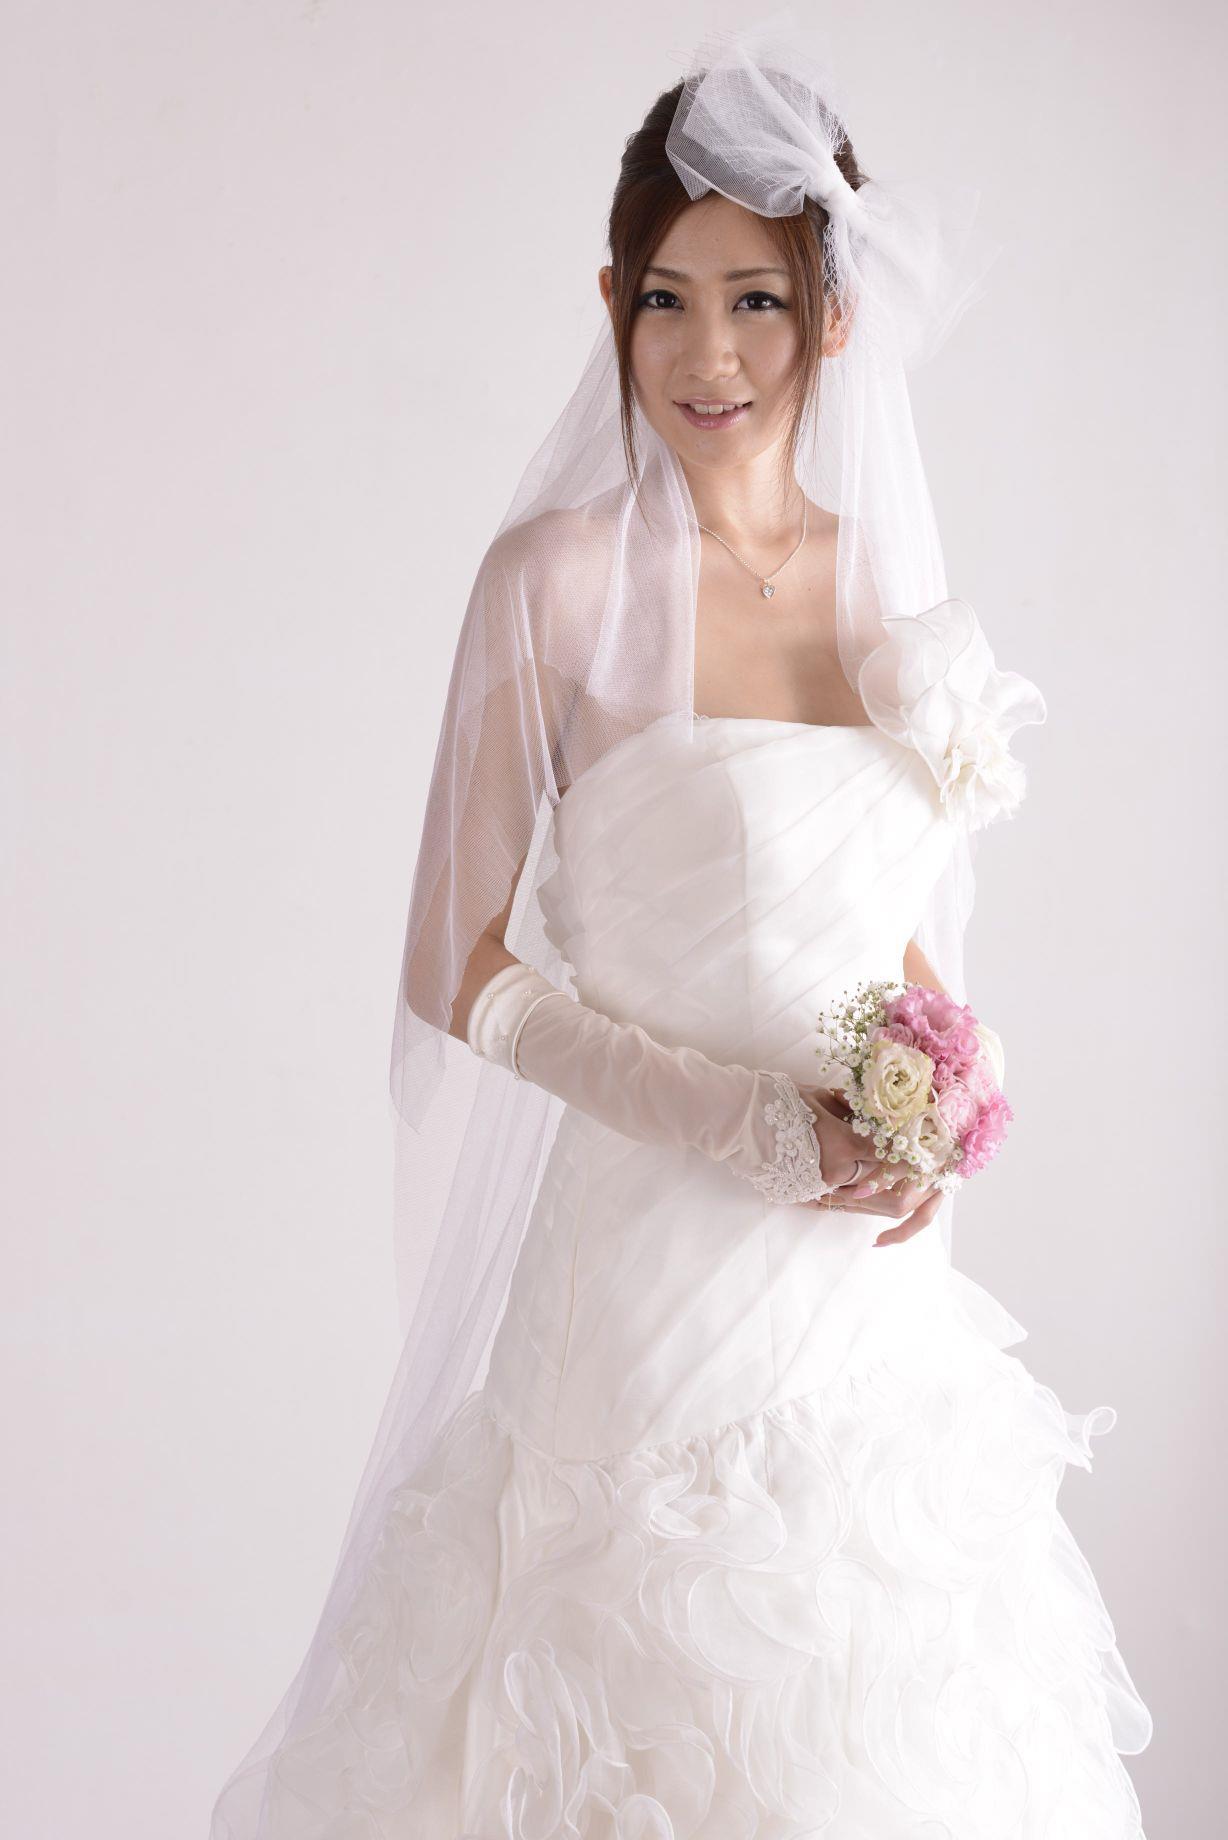 前田かおり ウェディングドレス画像 34